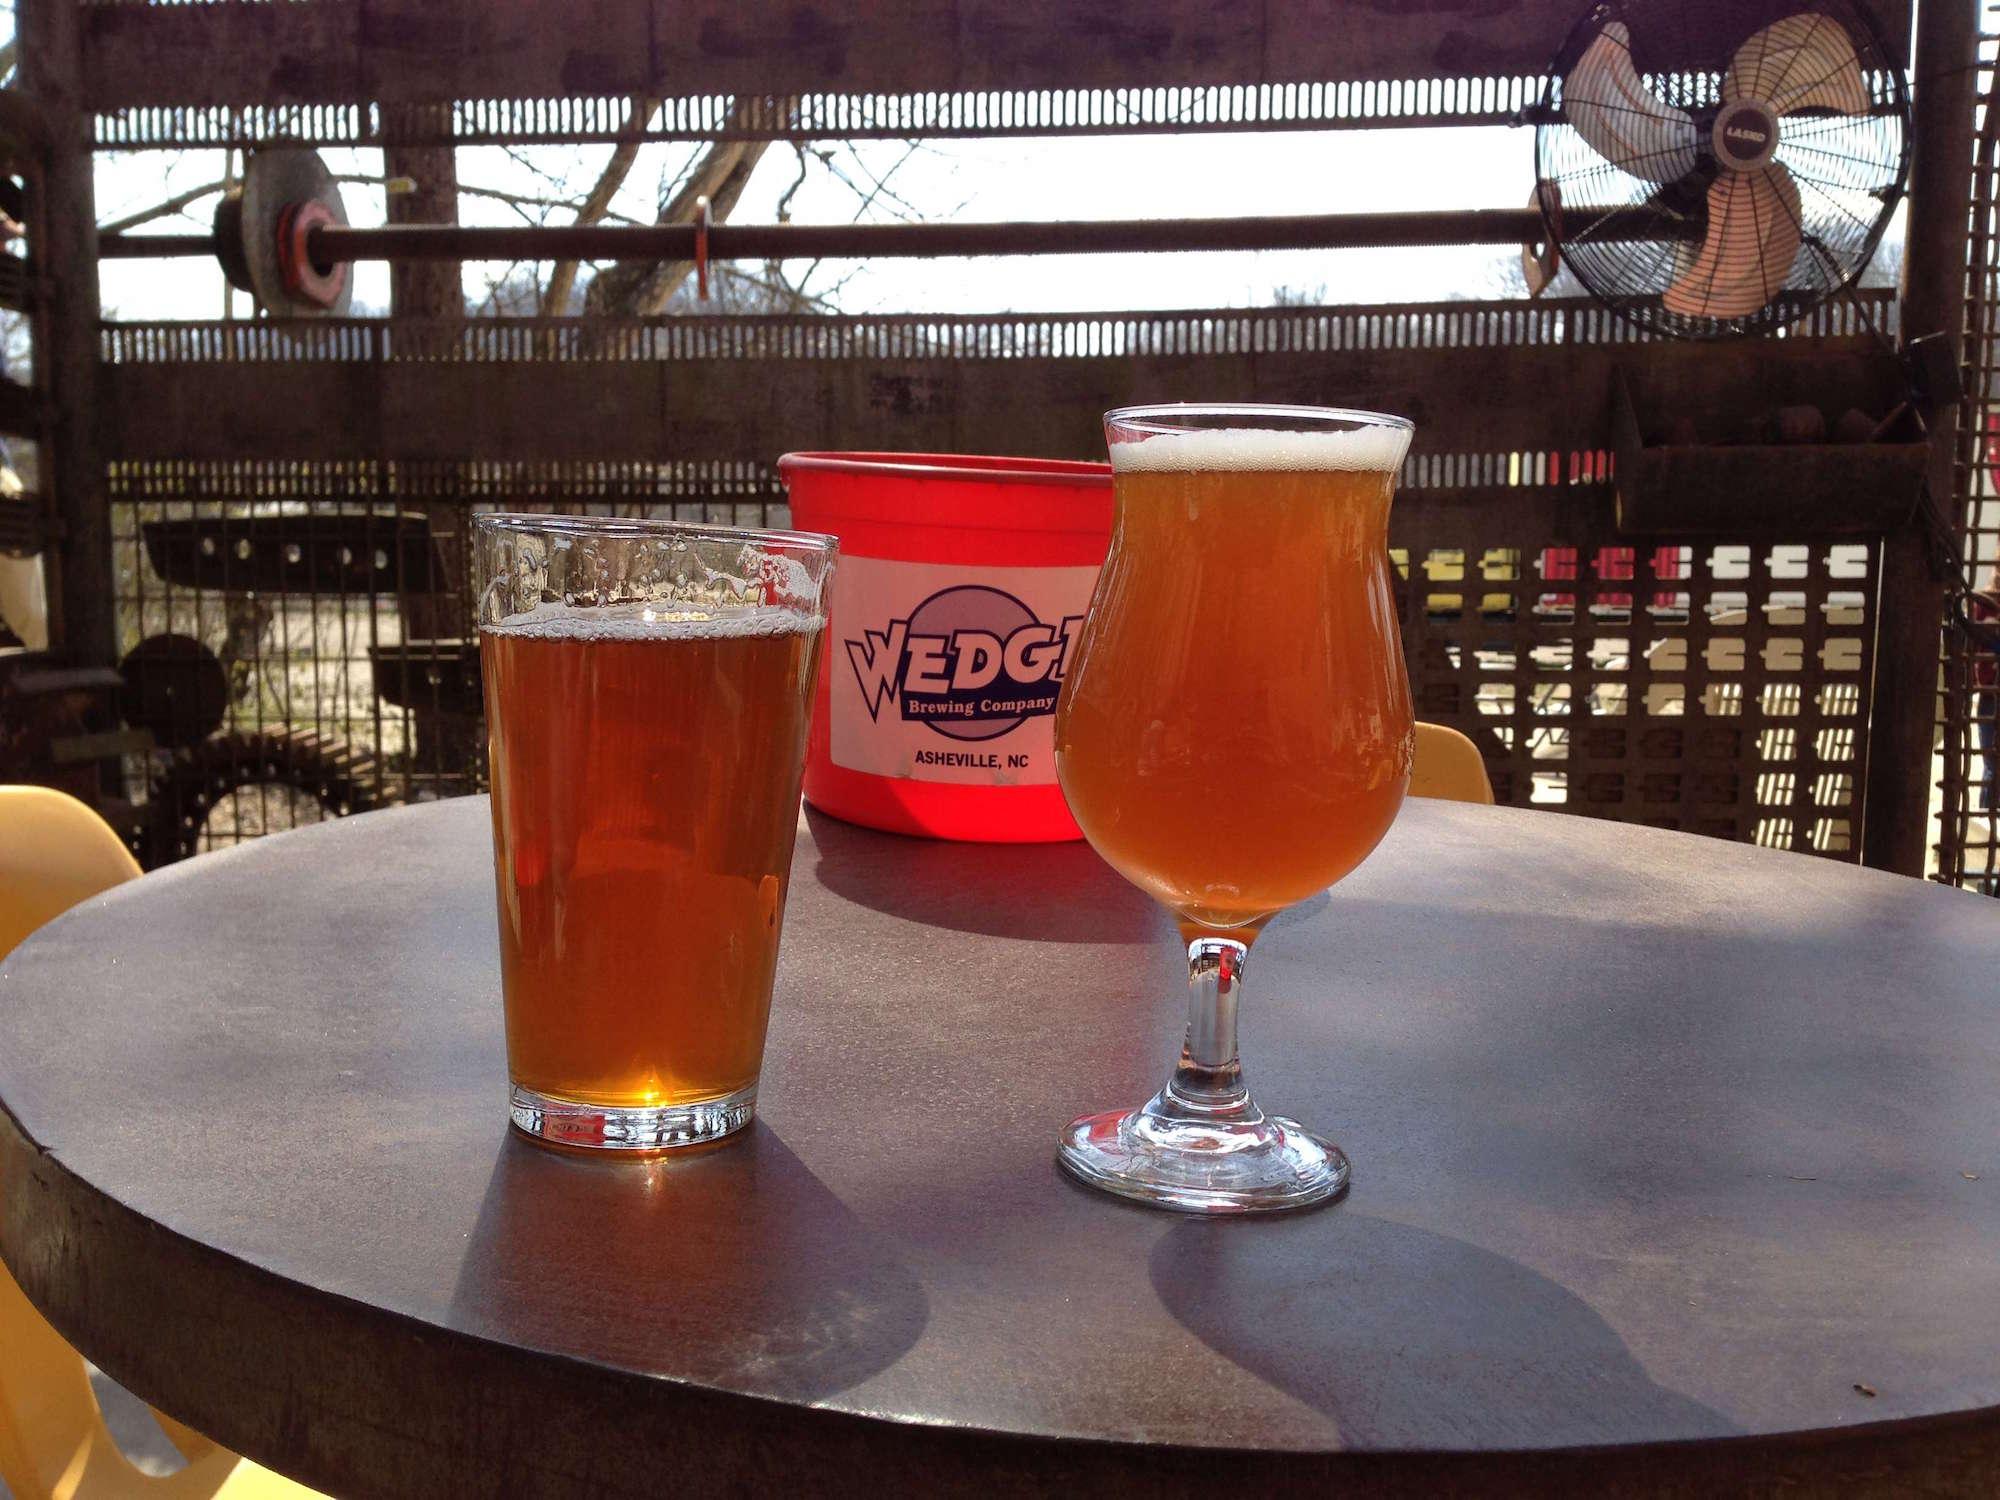 beeratwedge.jpg